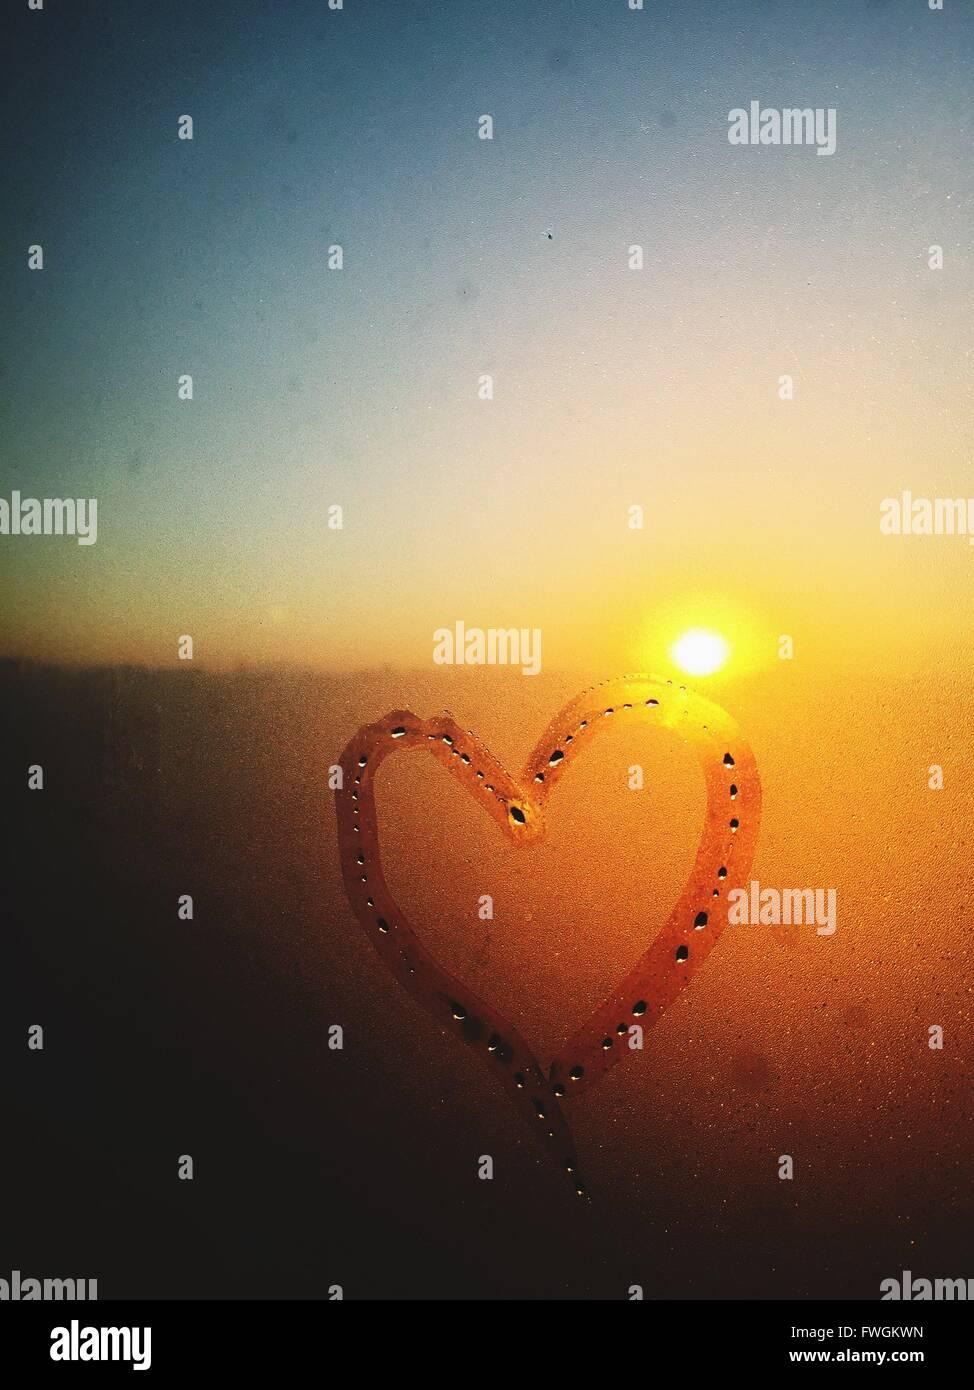 Herz auf verdichteten Fenster gezeichnet Stockbild